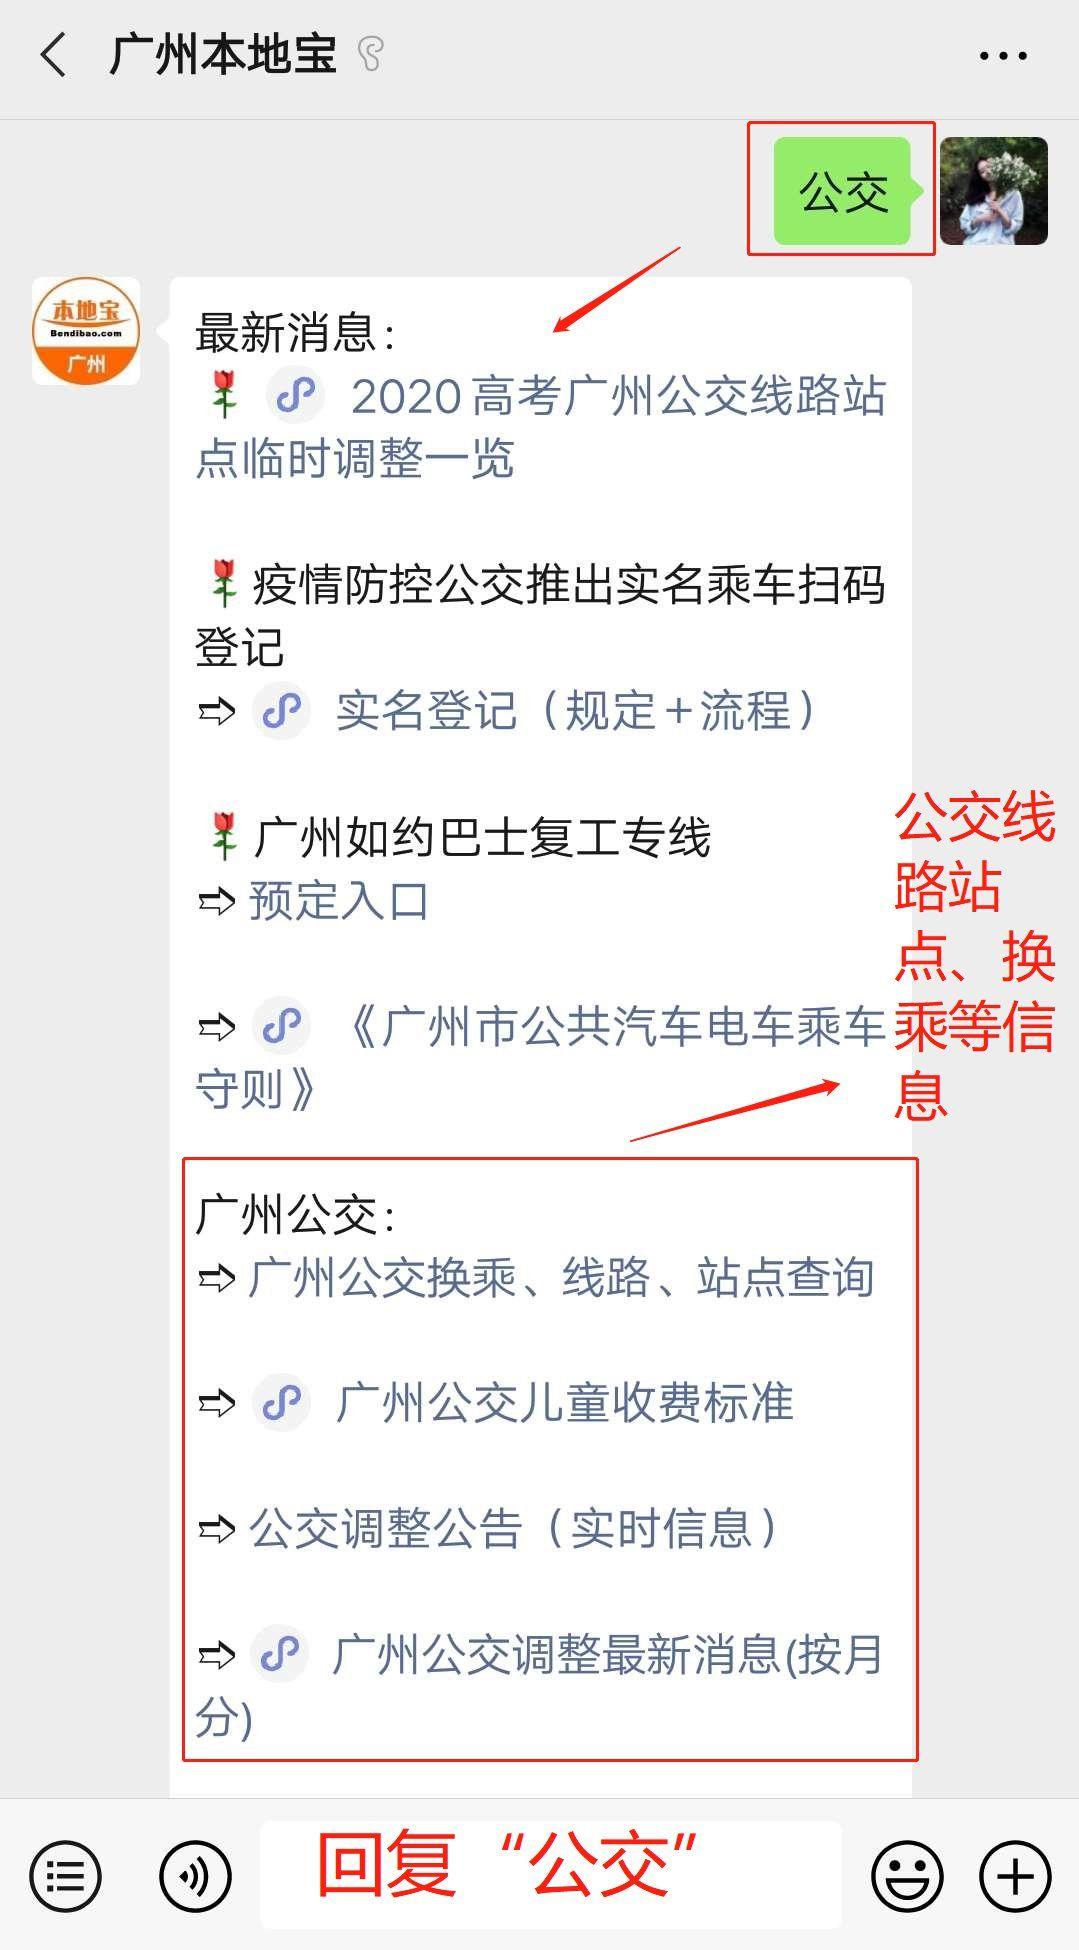 珠海公交线路调整_2020高考广州从化公交线路调整一览- 广州本地宝